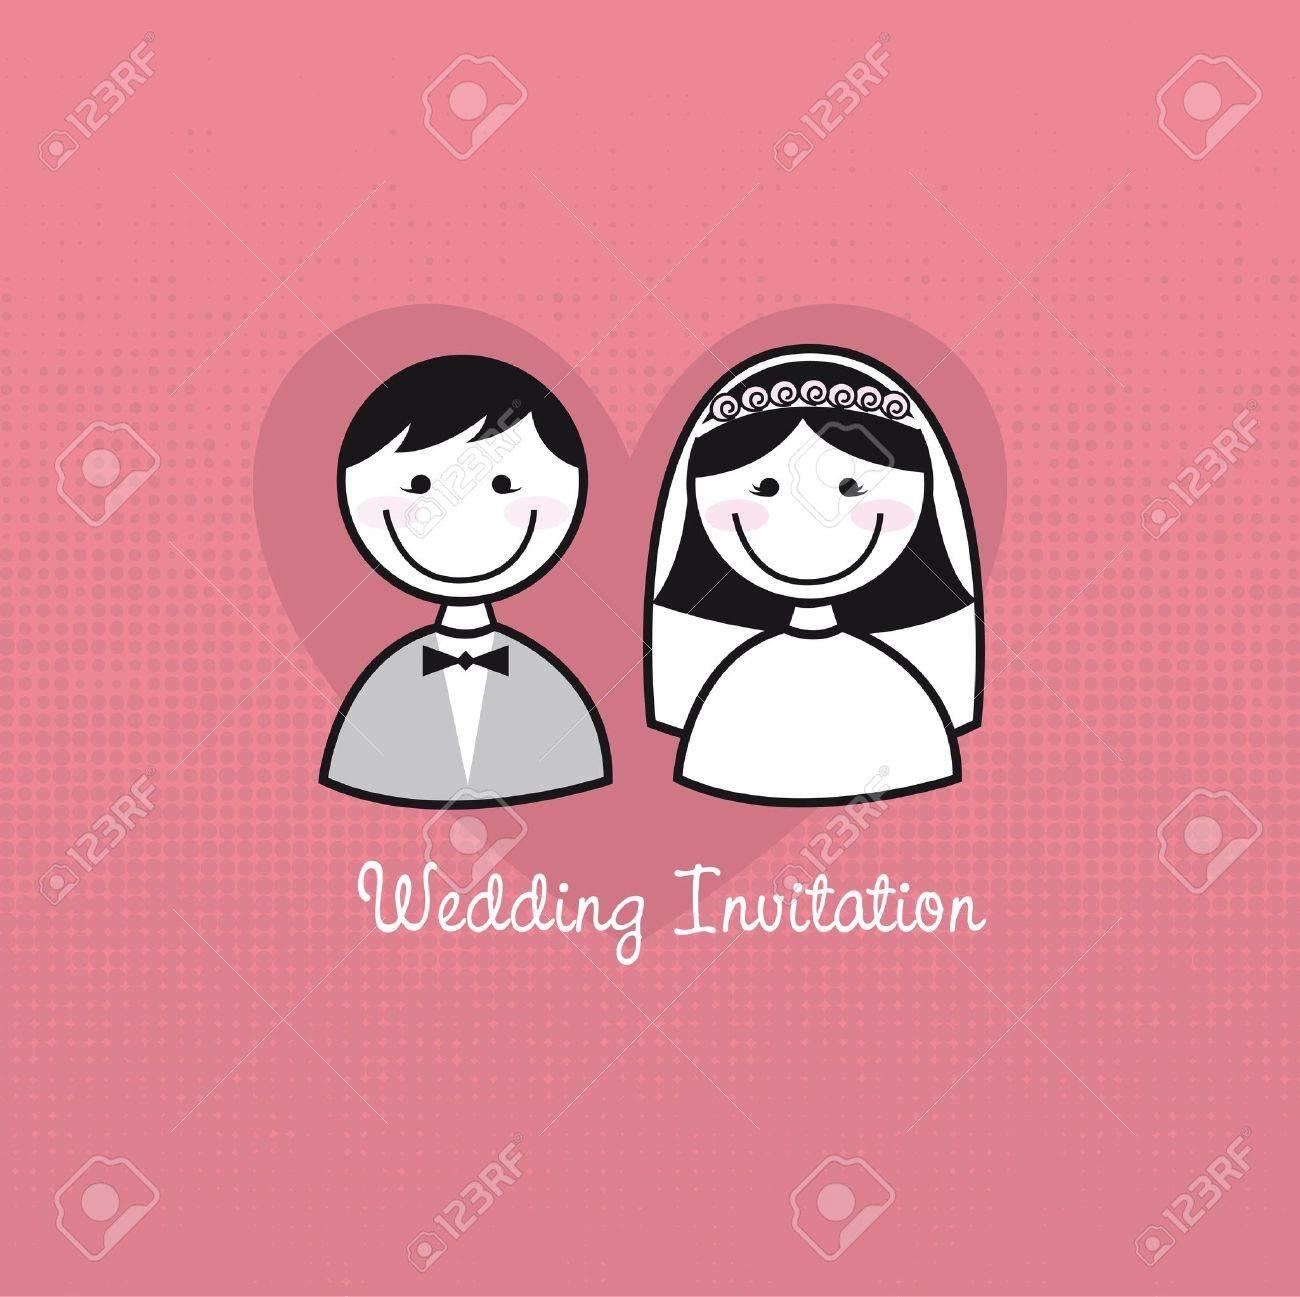 Iconos Lindo Hombre Y Una Mujer, La Invitación De La Boda. Vector ...